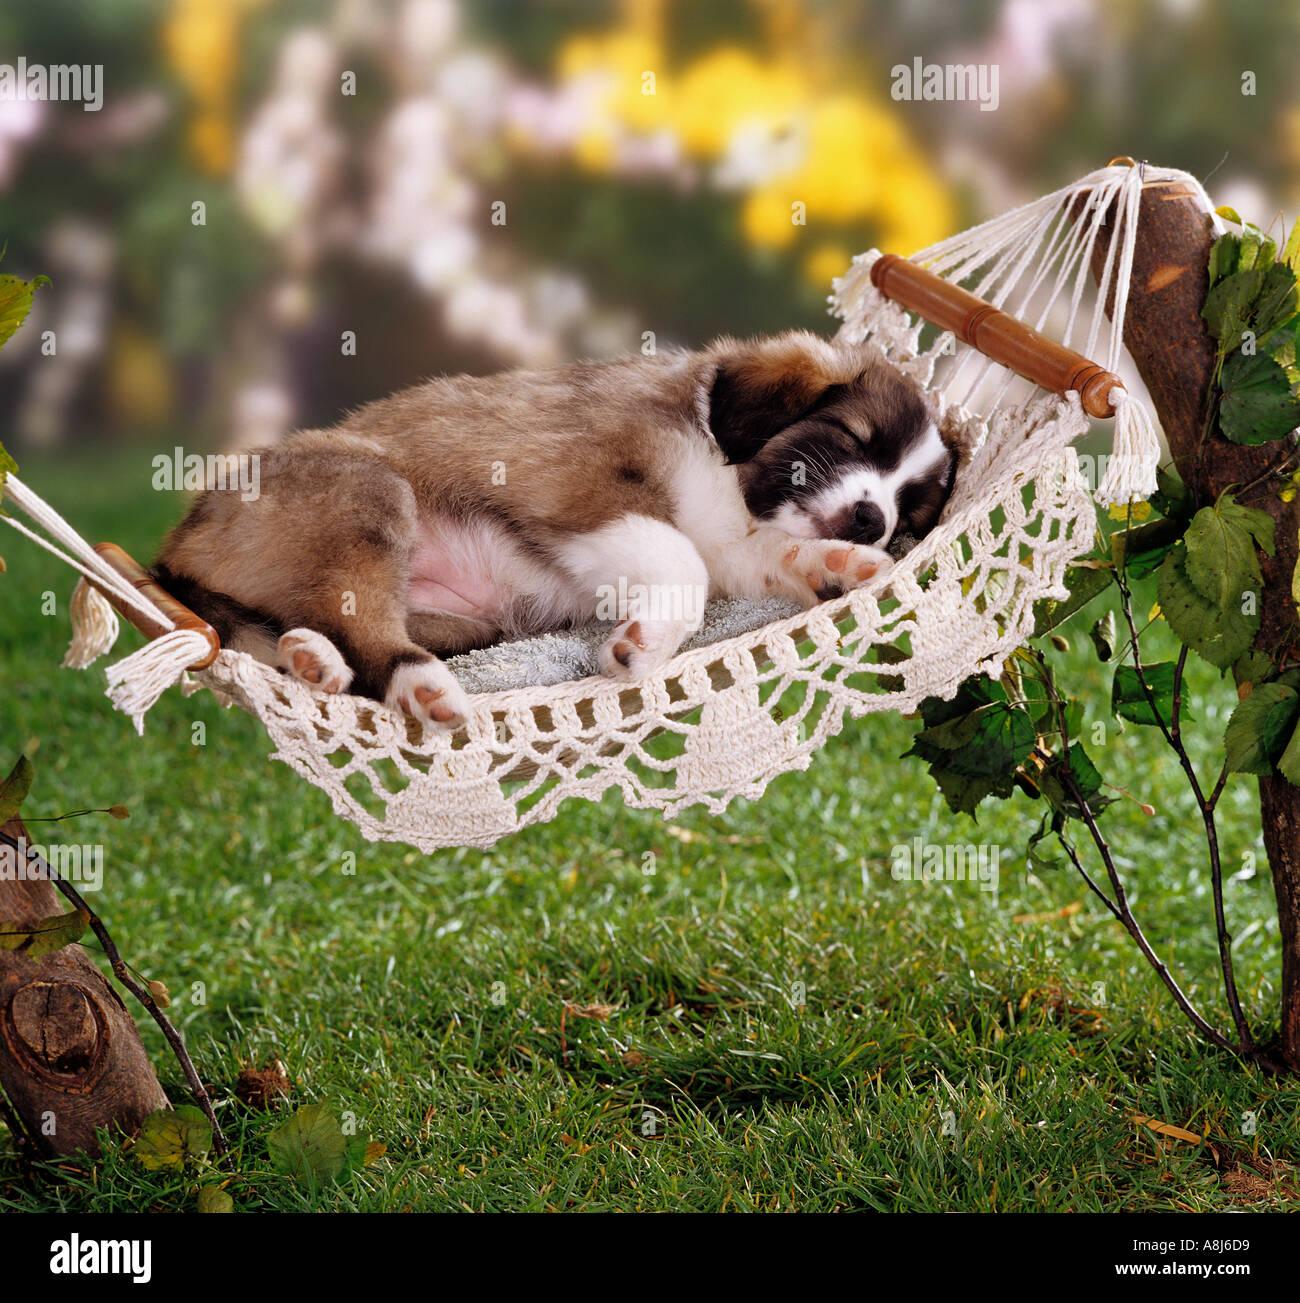 Half Breed Dog Puppy 5 Weeks Sleeping In Hammock Stock